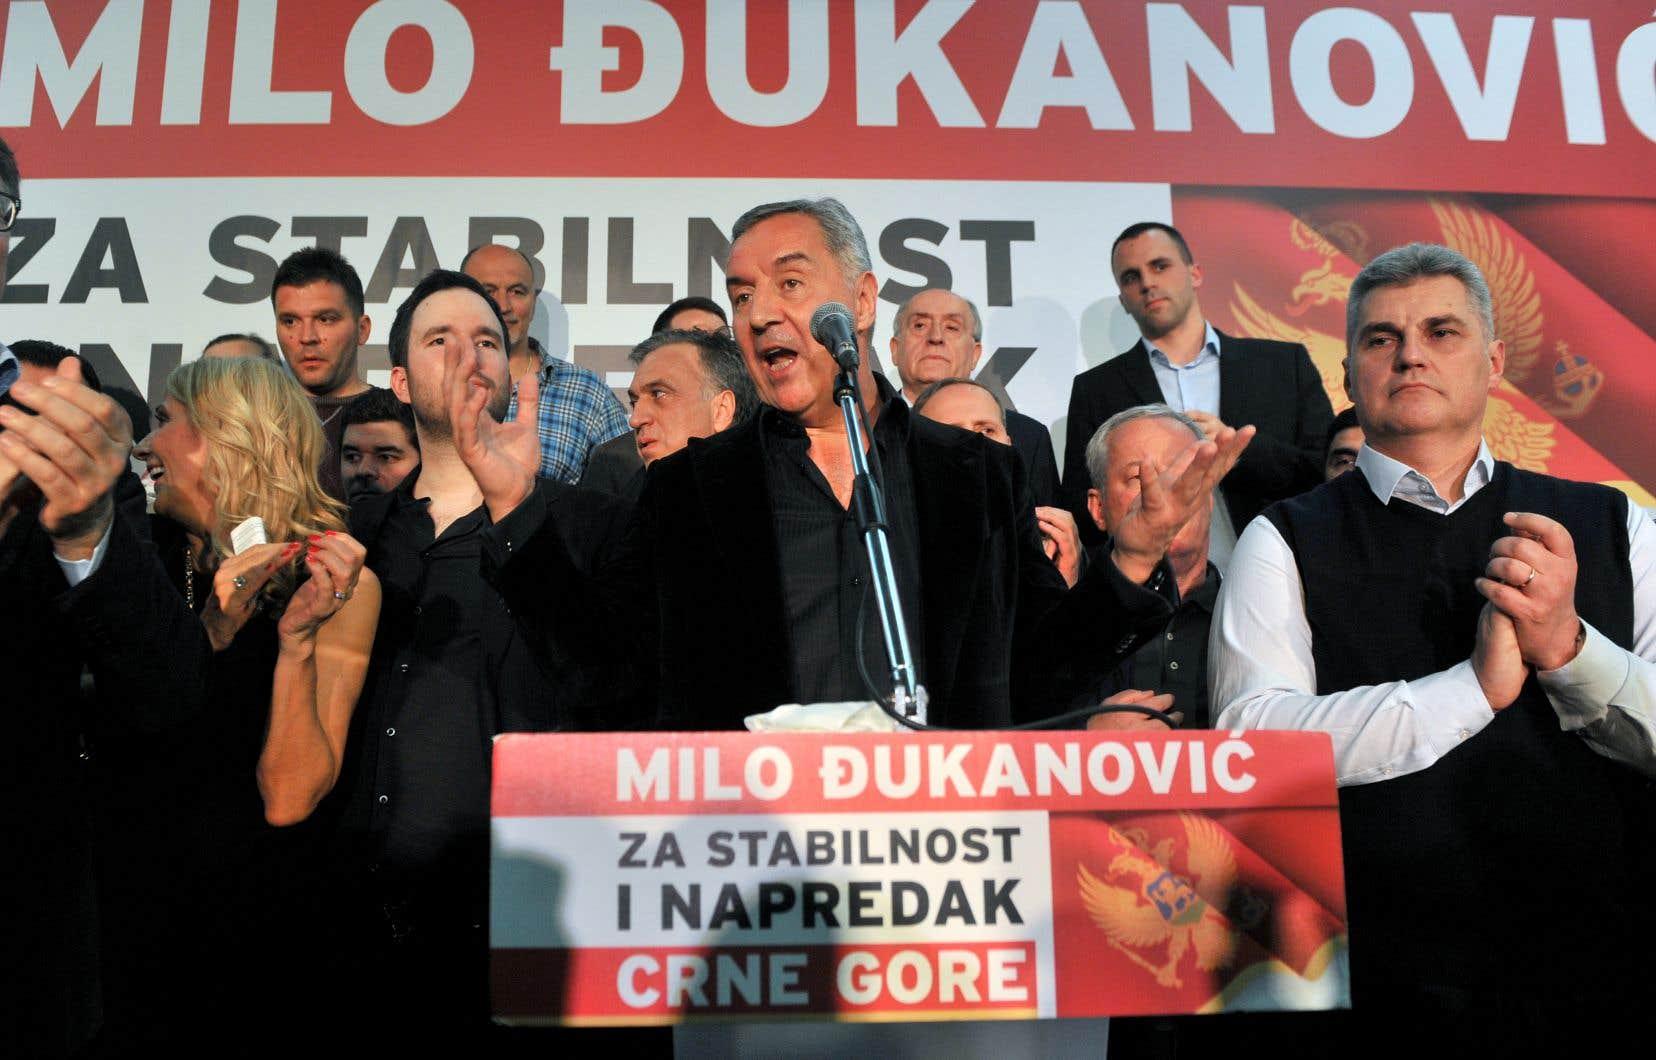 Le dirigeant historique du Monténégro, Milo Djukanovic, a retrouvé dimanche un pouvoir abandonné il y a moins de deux ans.